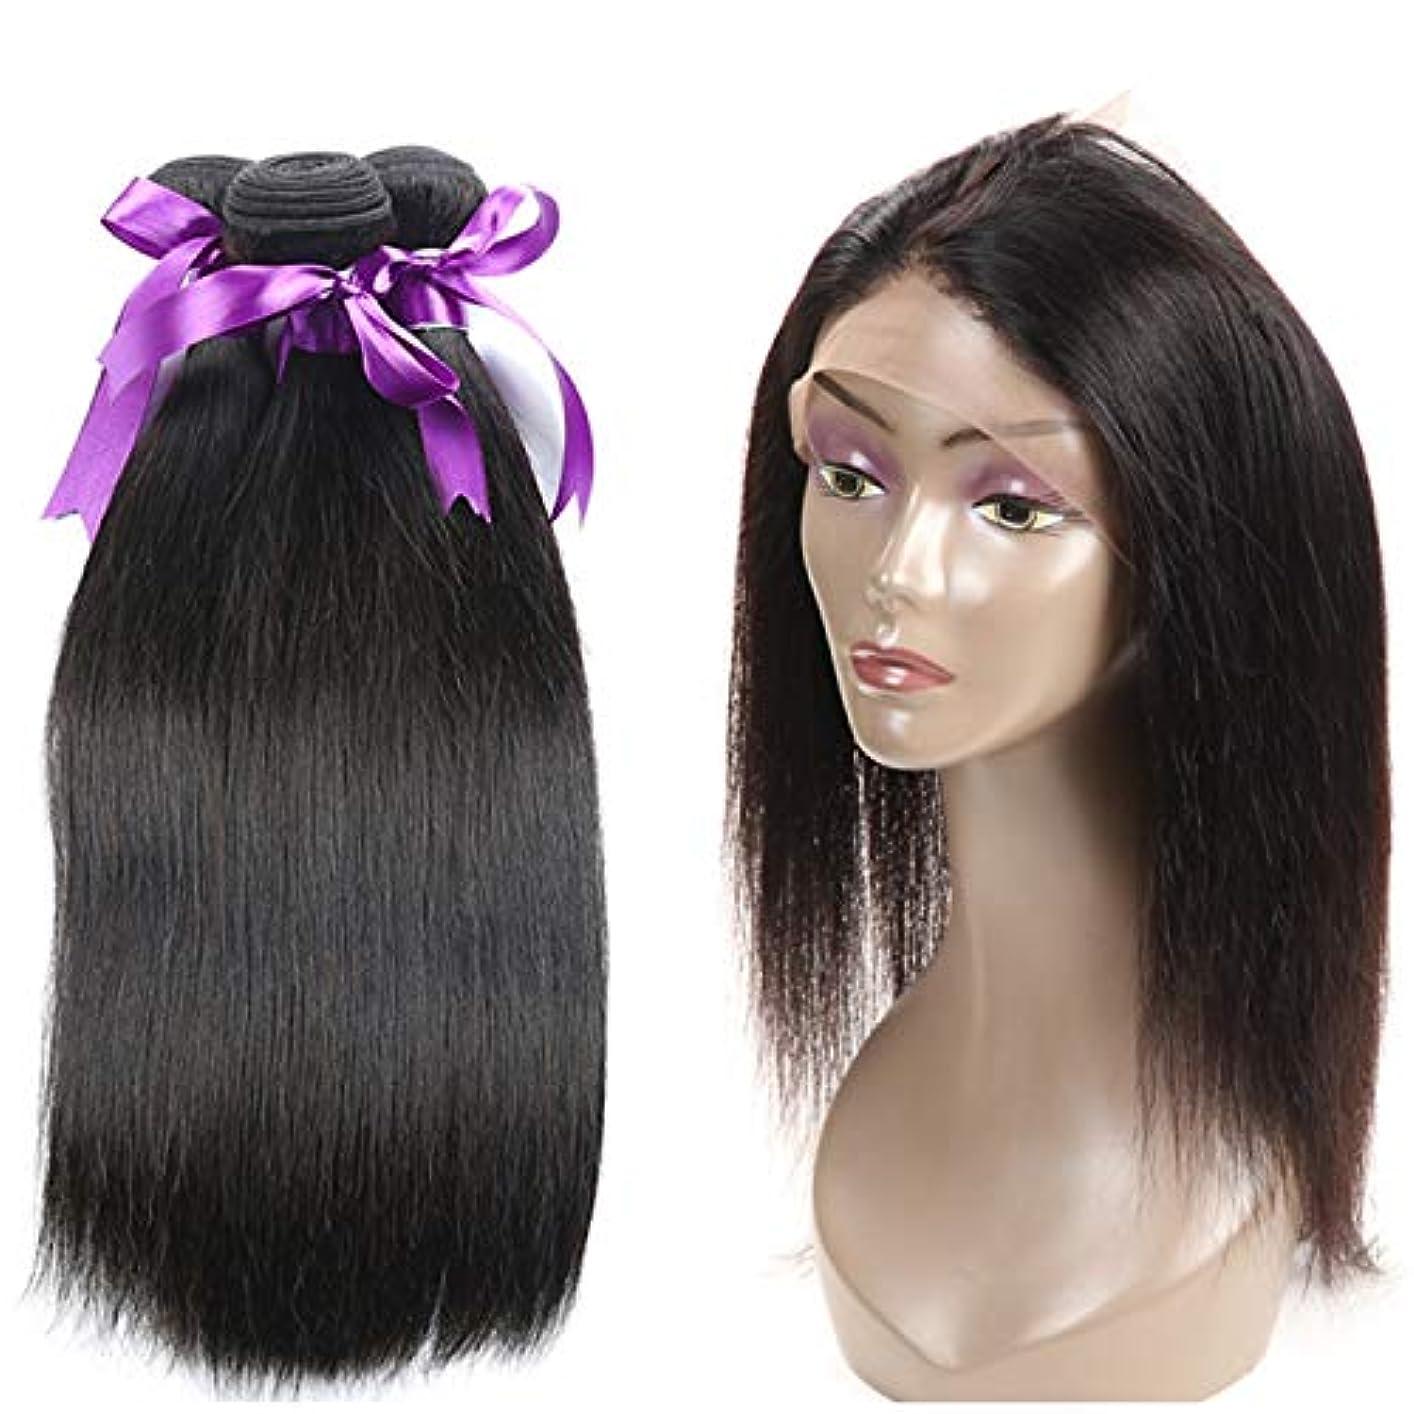 倍増ロイヤリティ素晴らしきかつら ブラジルストレートヘア360レース前頭葉付き非レミー人間の髪の毛3バンドル360前頭人間の髪の毛のかつら (Length : 14 14 16 Closure12)